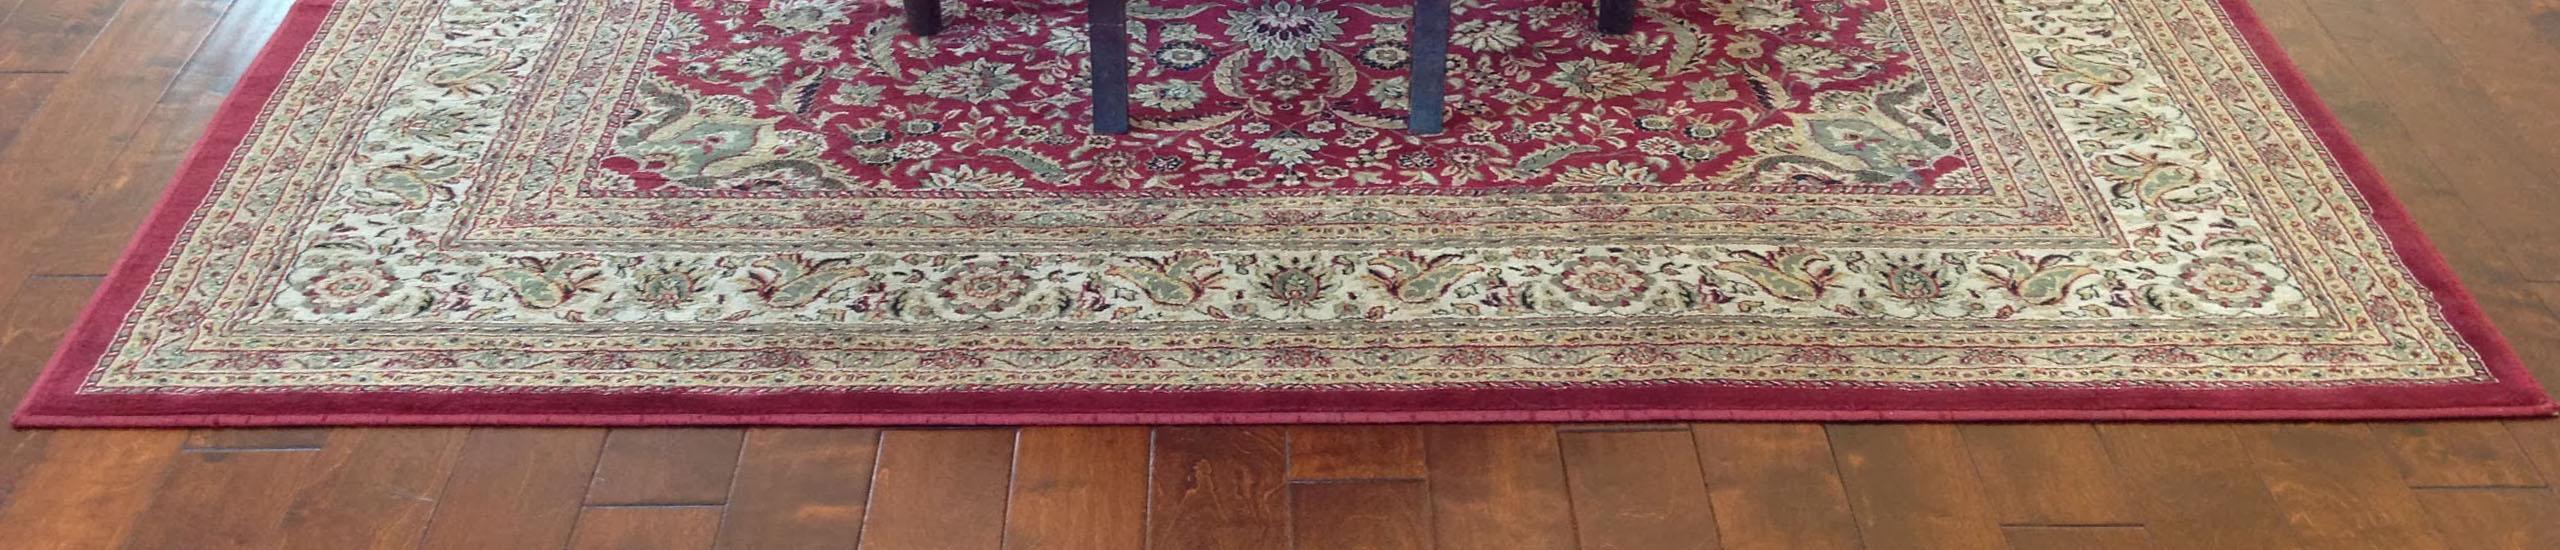 Dr Carpet Toronto Carpet Repair